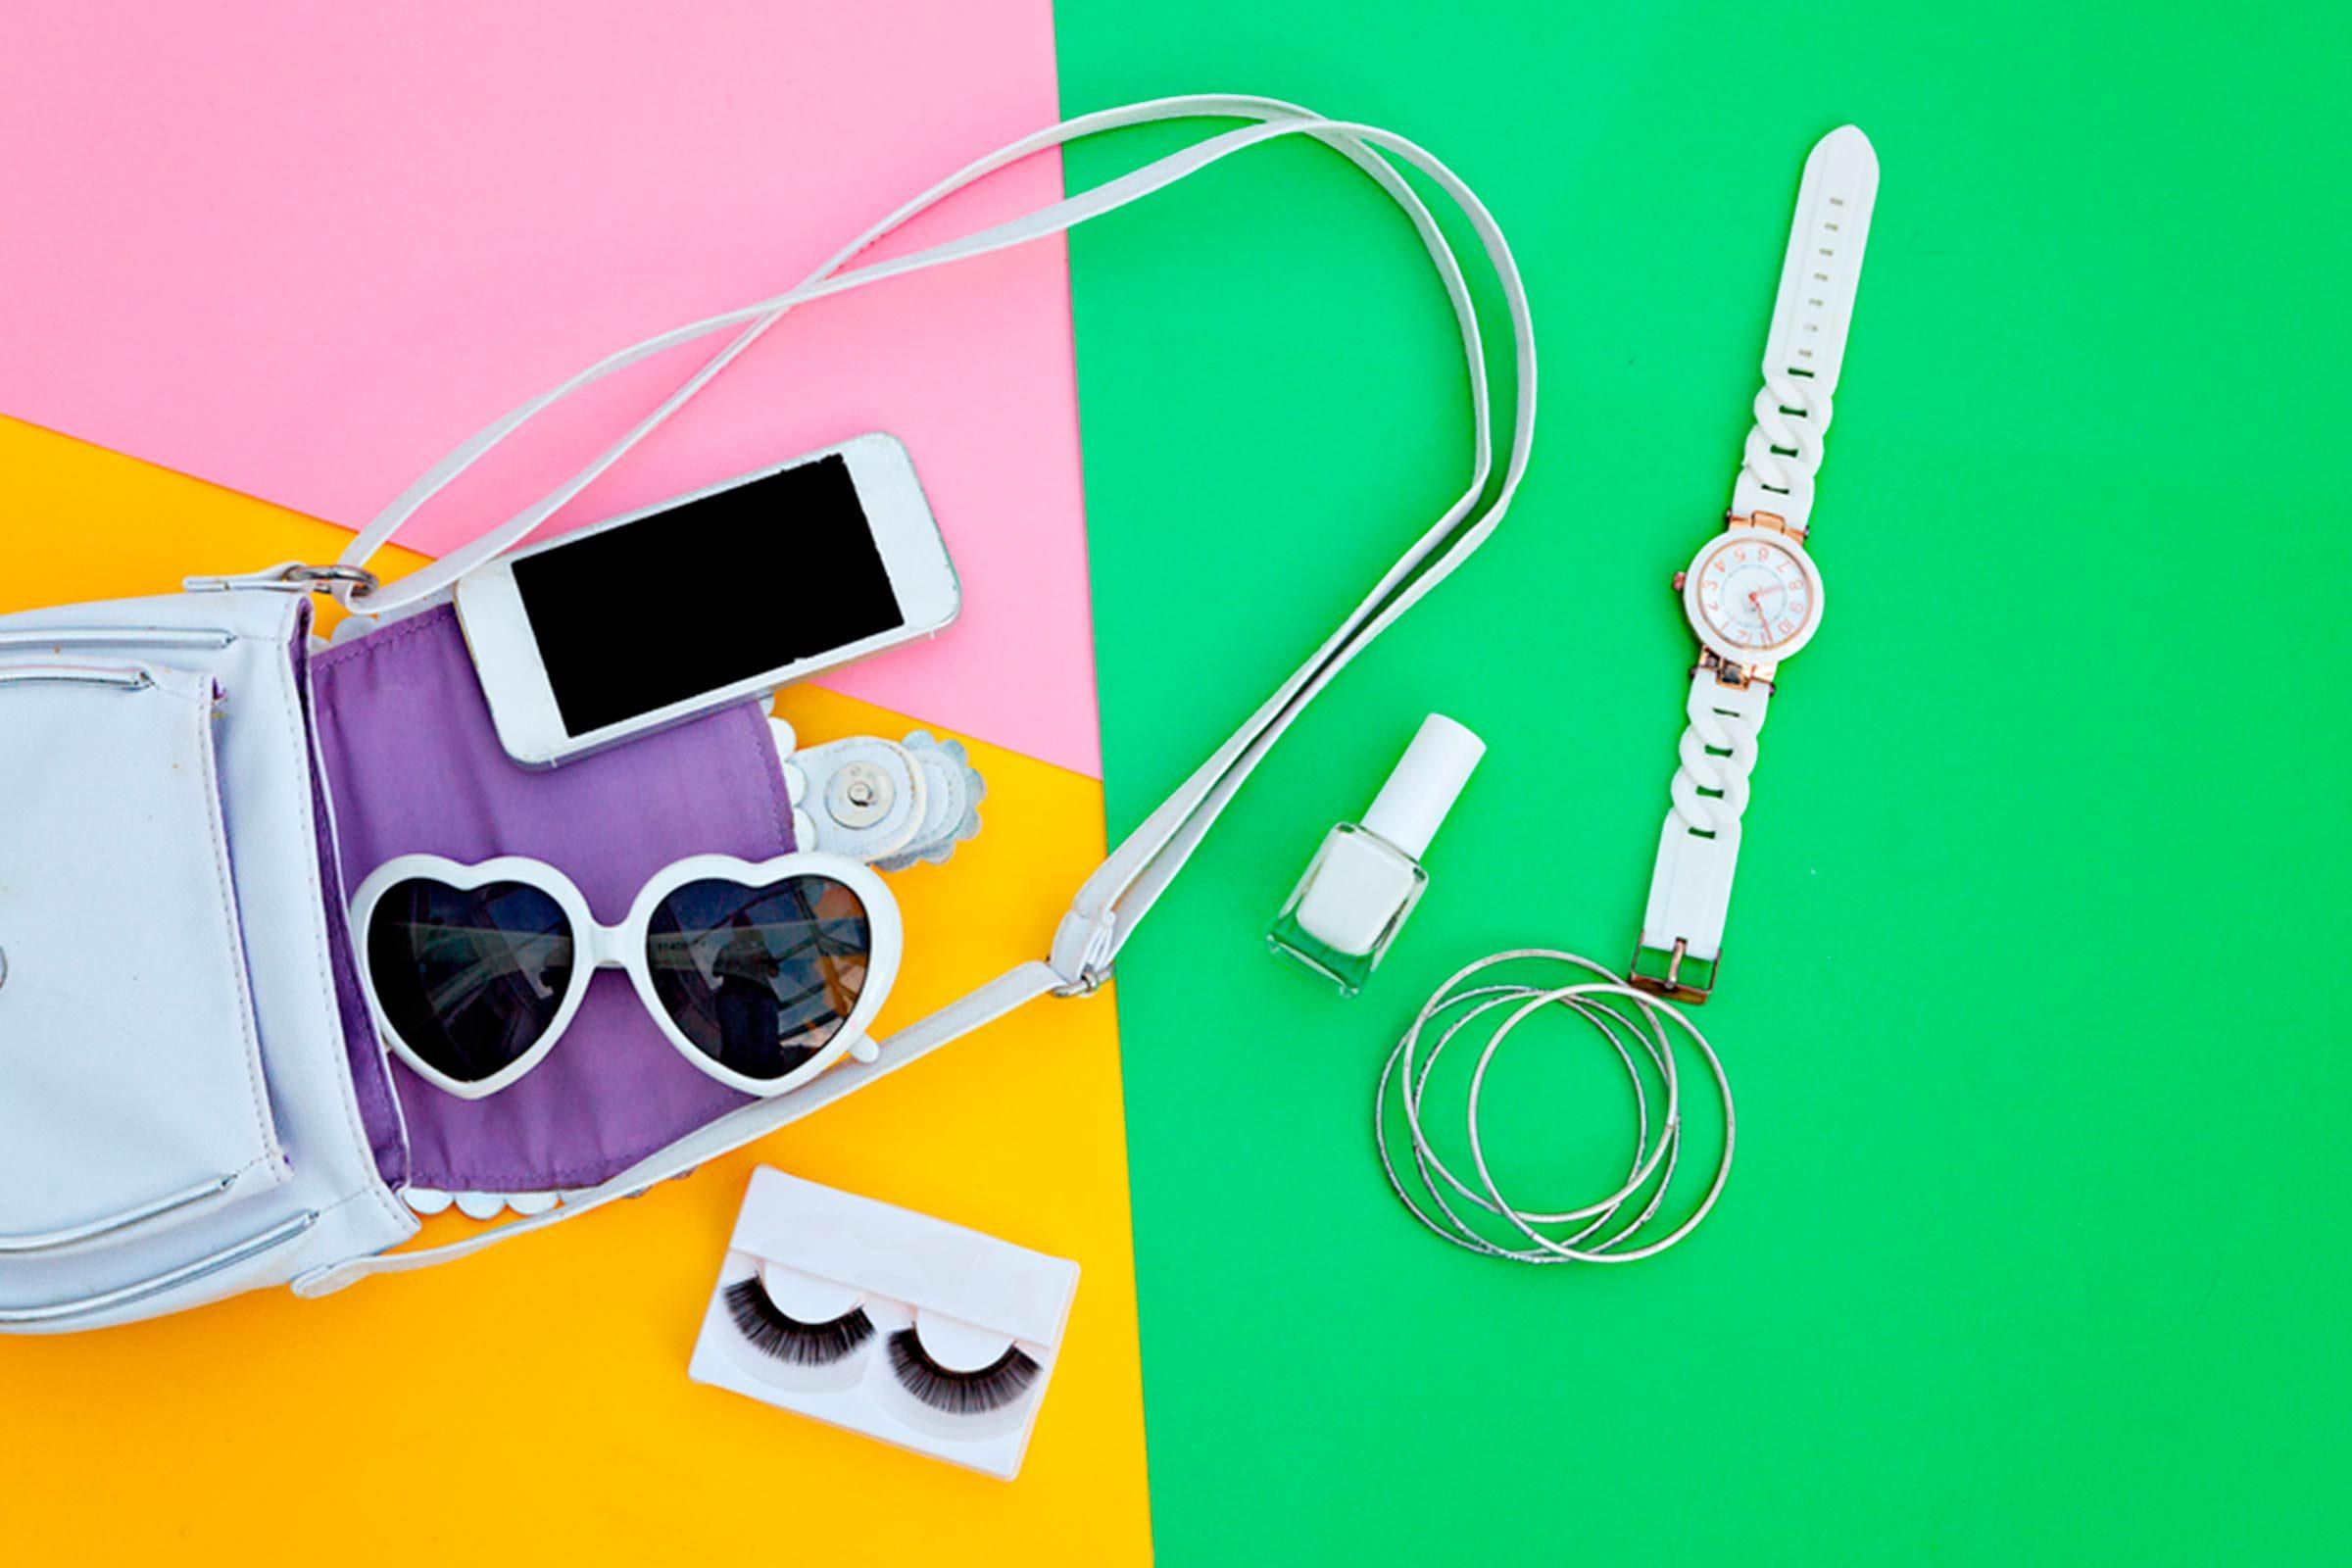 Simplifiez vos appareils électroniques dans votre sac, pour éviter les problèmes de dos